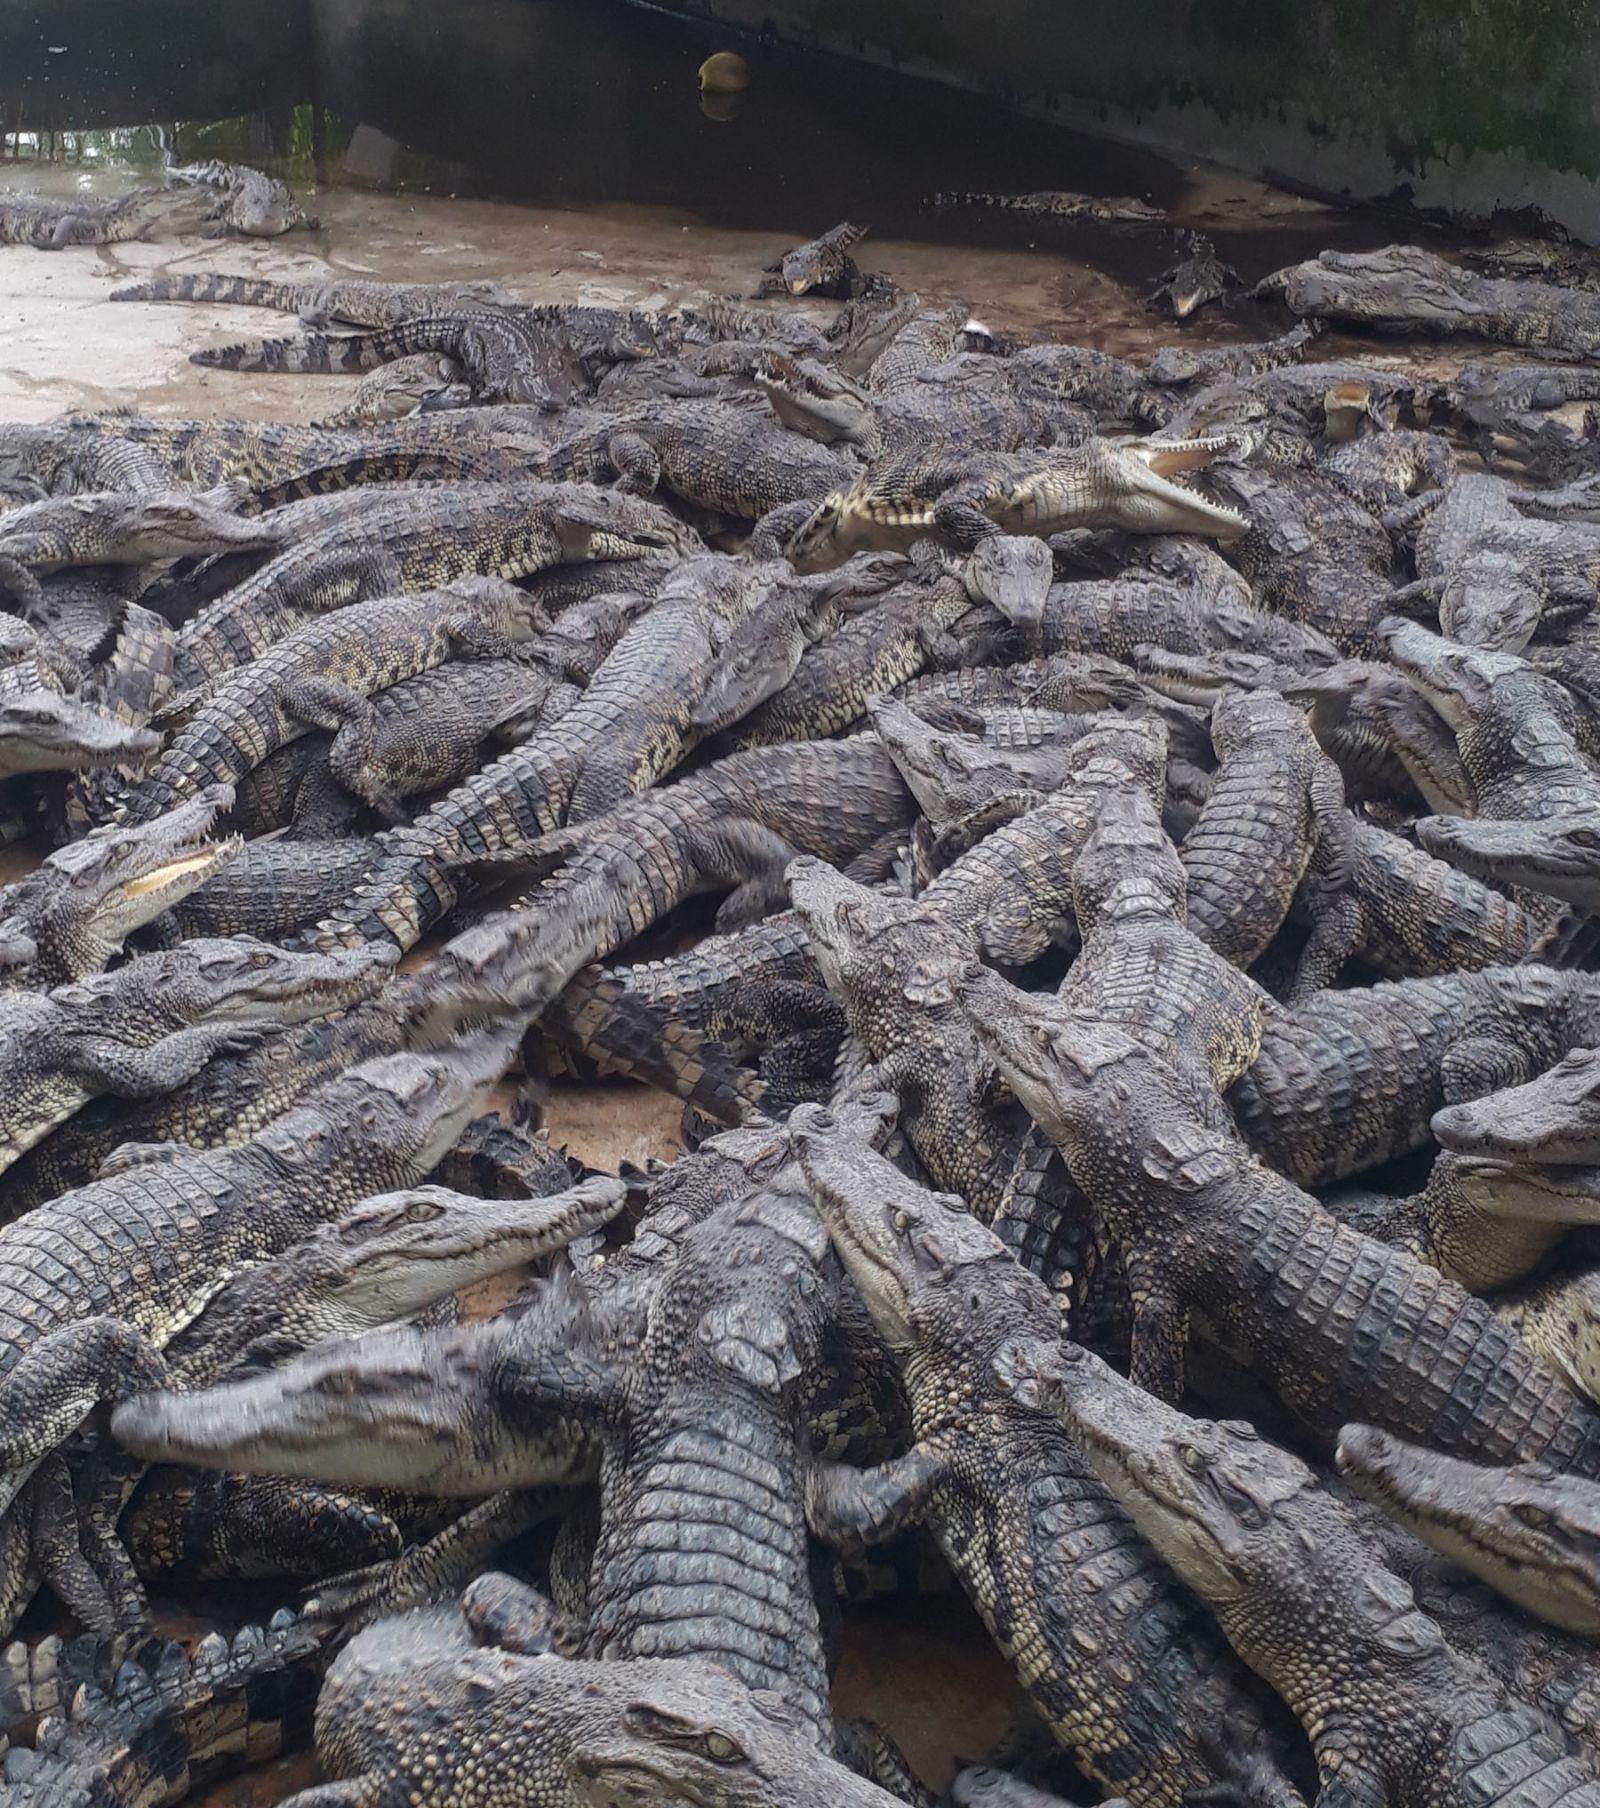 """Cám cảnh nuôi cá sấu: Bán cá sấu không ai mua, nông dân bấm bụng """"nuôi báo cô"""" không biết đến bao giờ - Ảnh 1."""